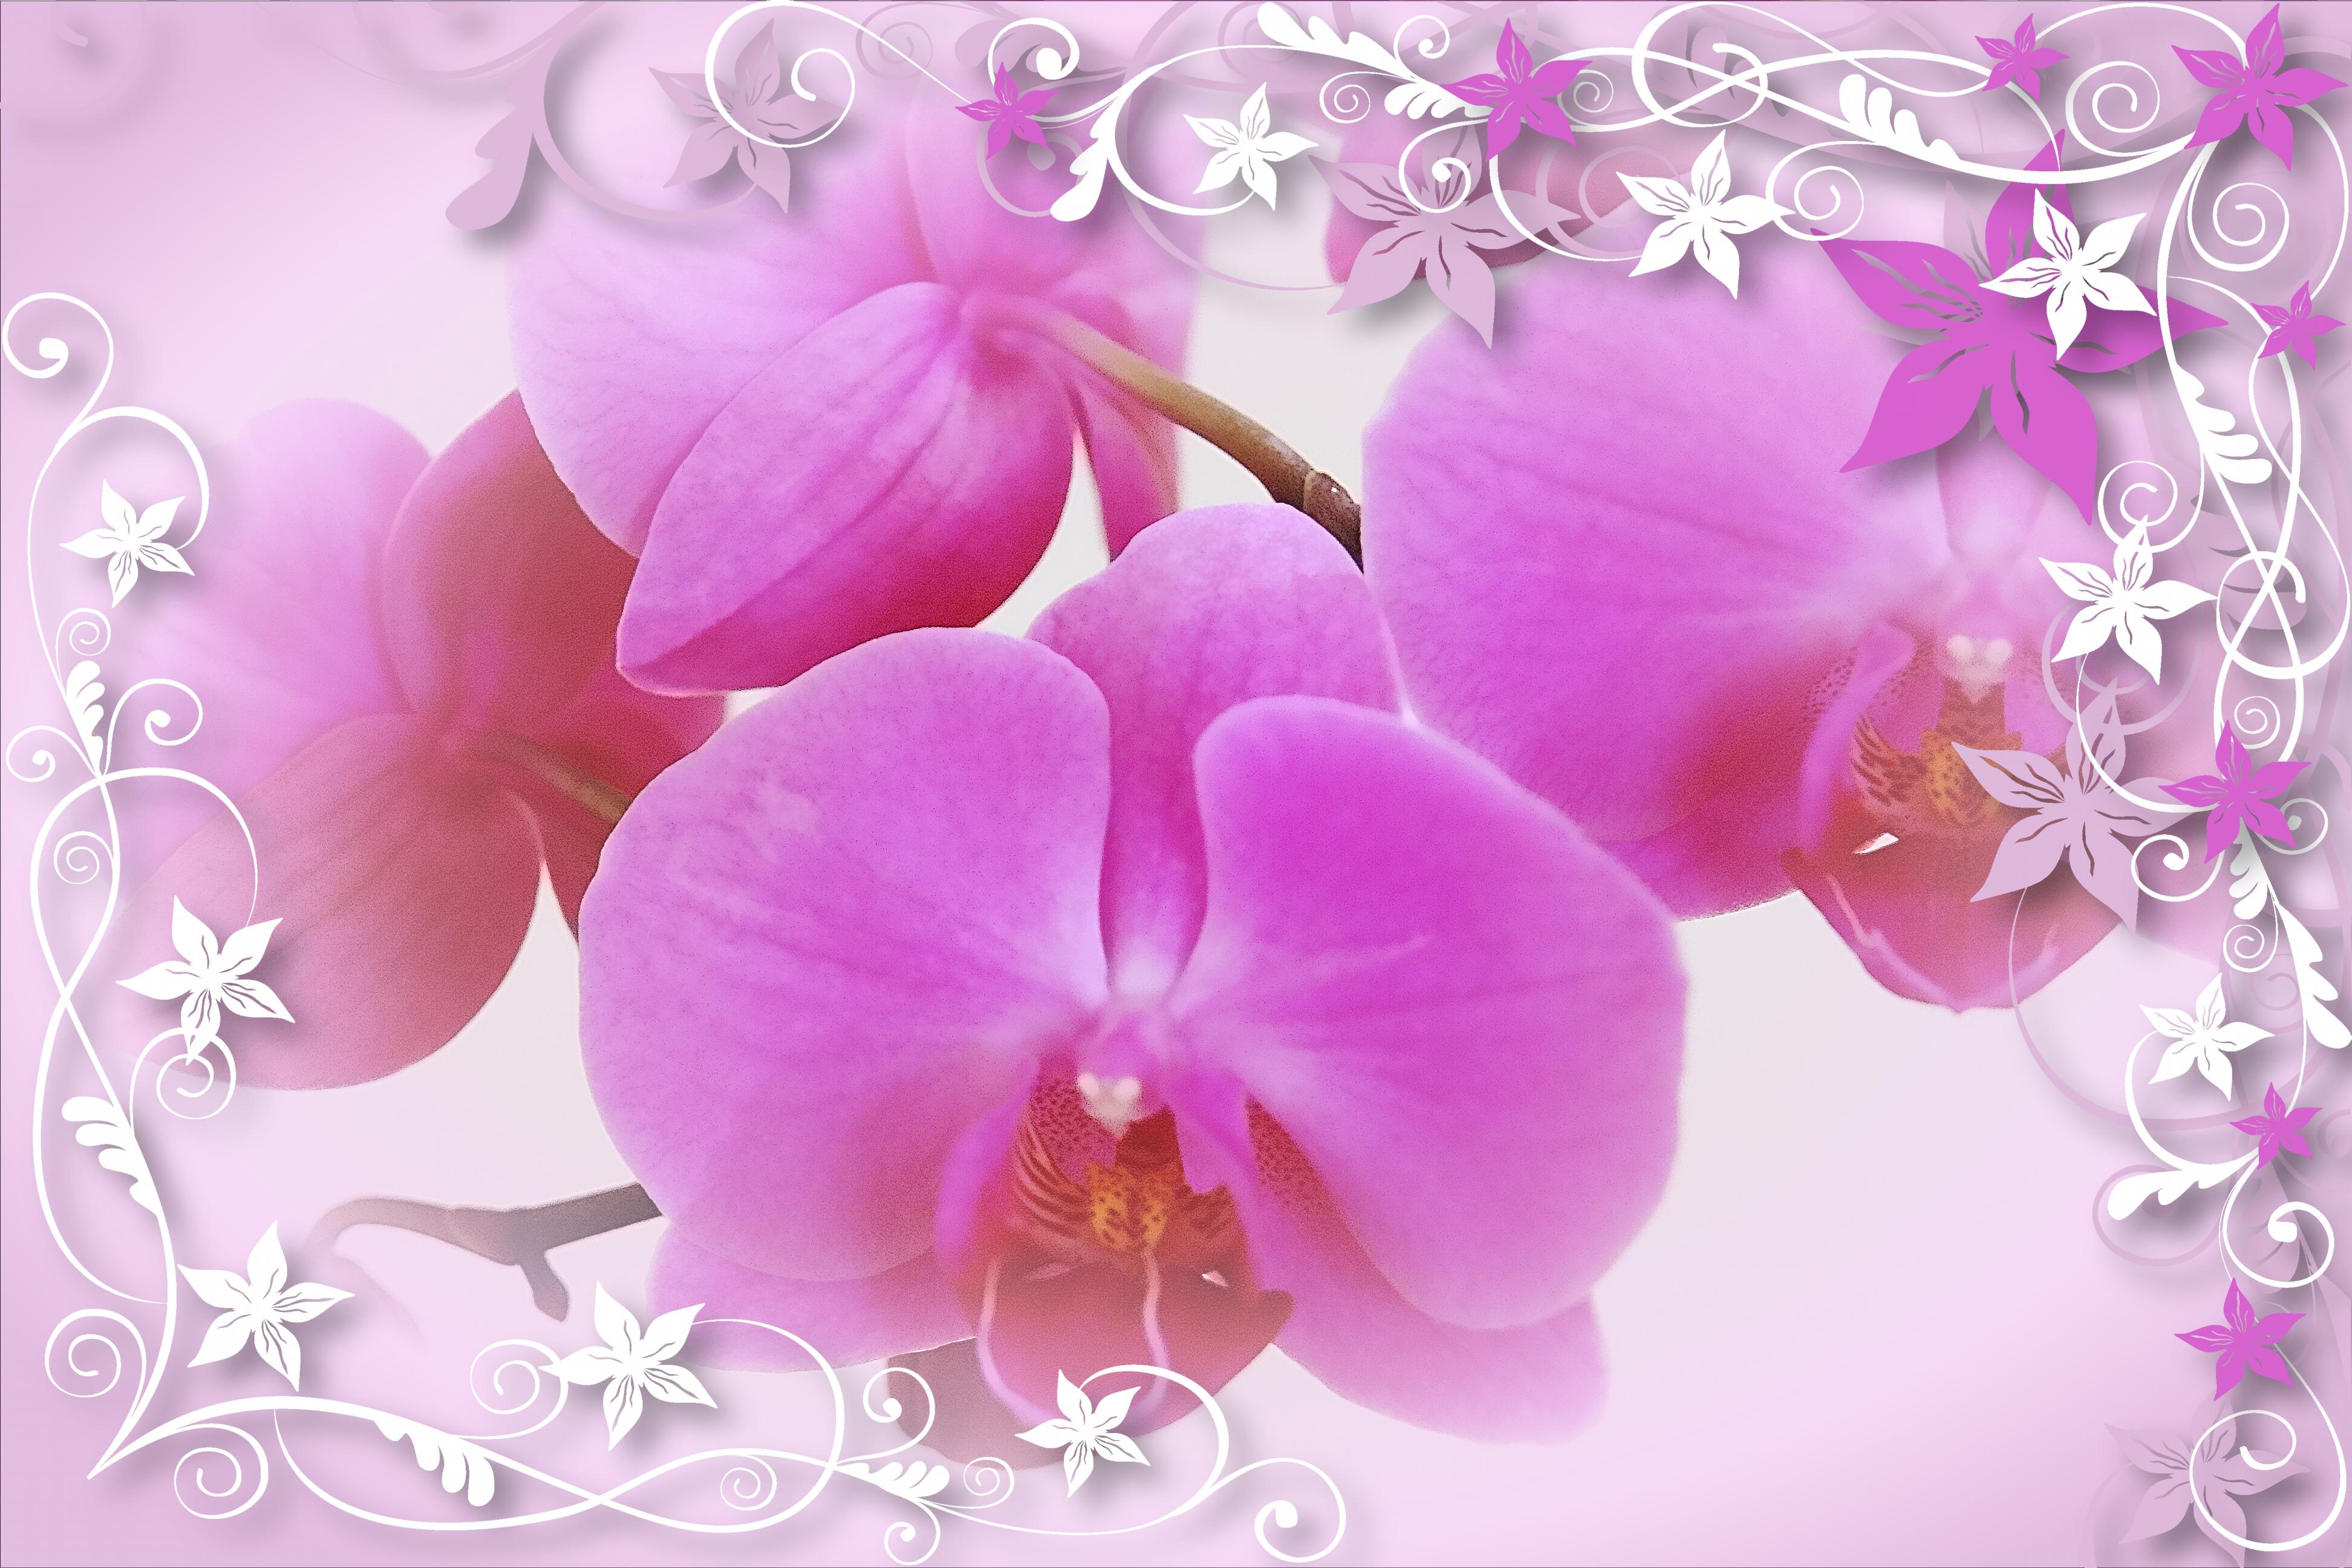 Изображение, поздравительные открытки с днем рождения орхидеи